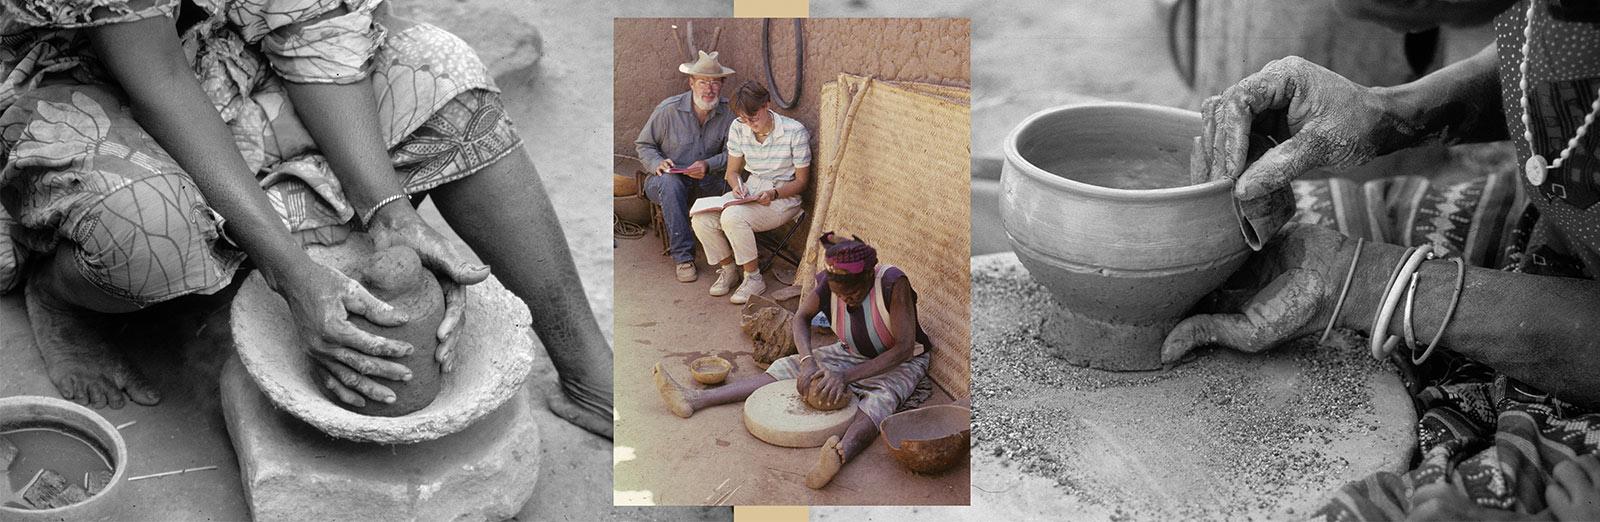 Une expérience de terrain indispensable à la réflexion théorique : l'étude ethnoarchéologique de la céramique traditionnelle du Mali.